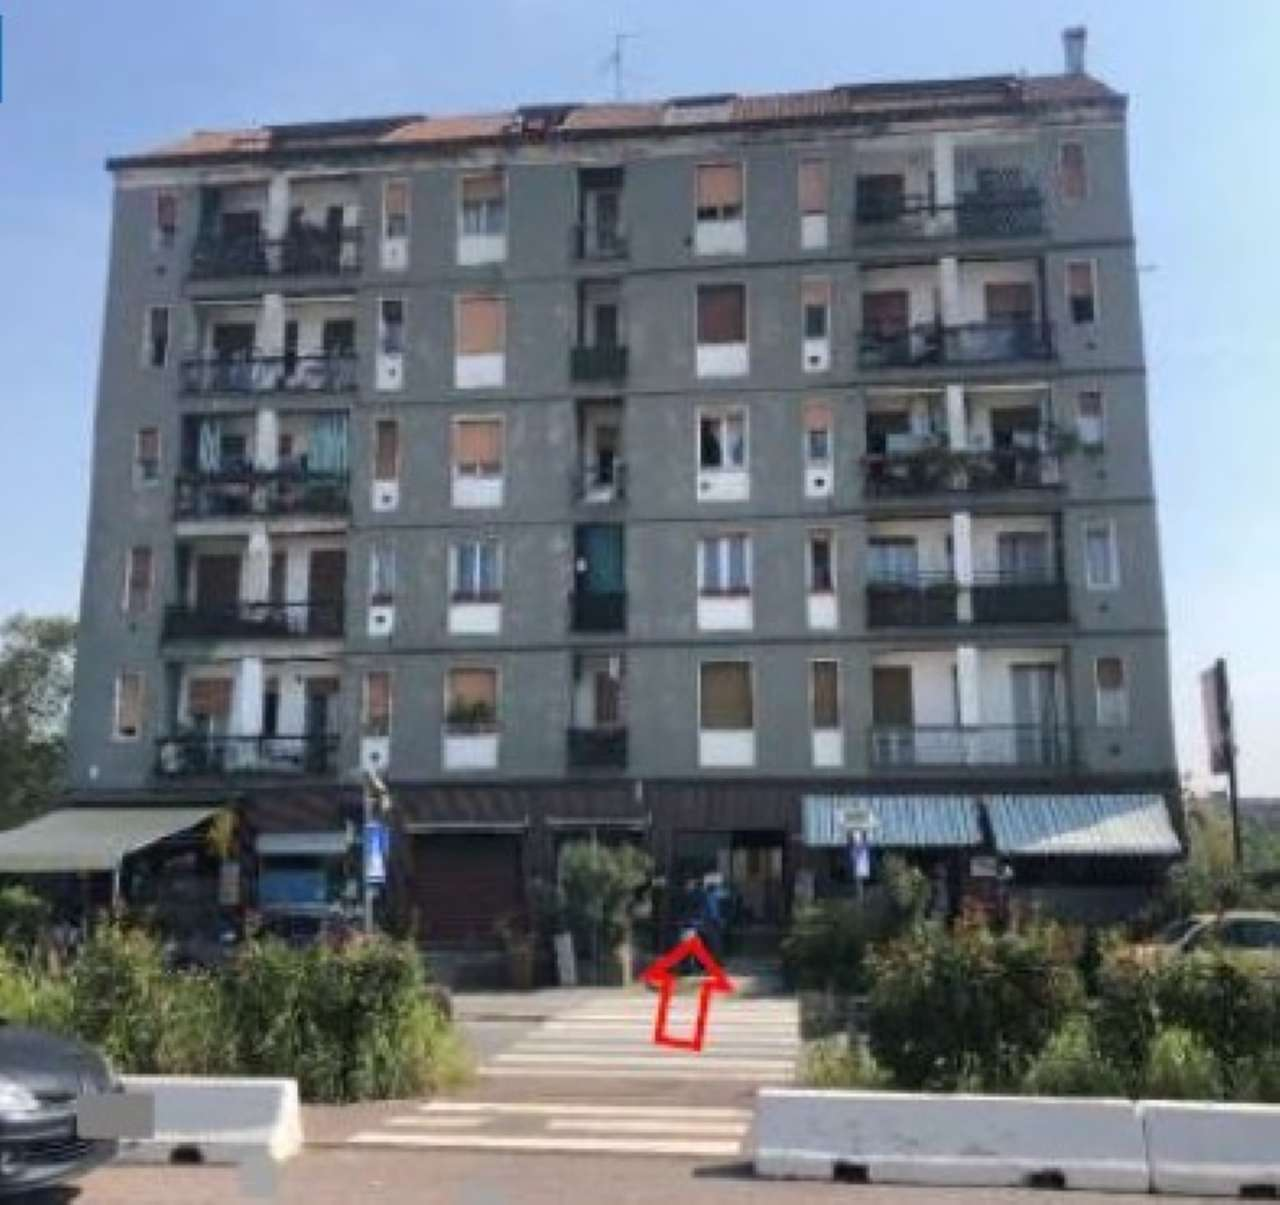 Appartamento in vendita a Garbagnate Milanese, 2 locali, prezzo € 31.500 | CambioCasa.it